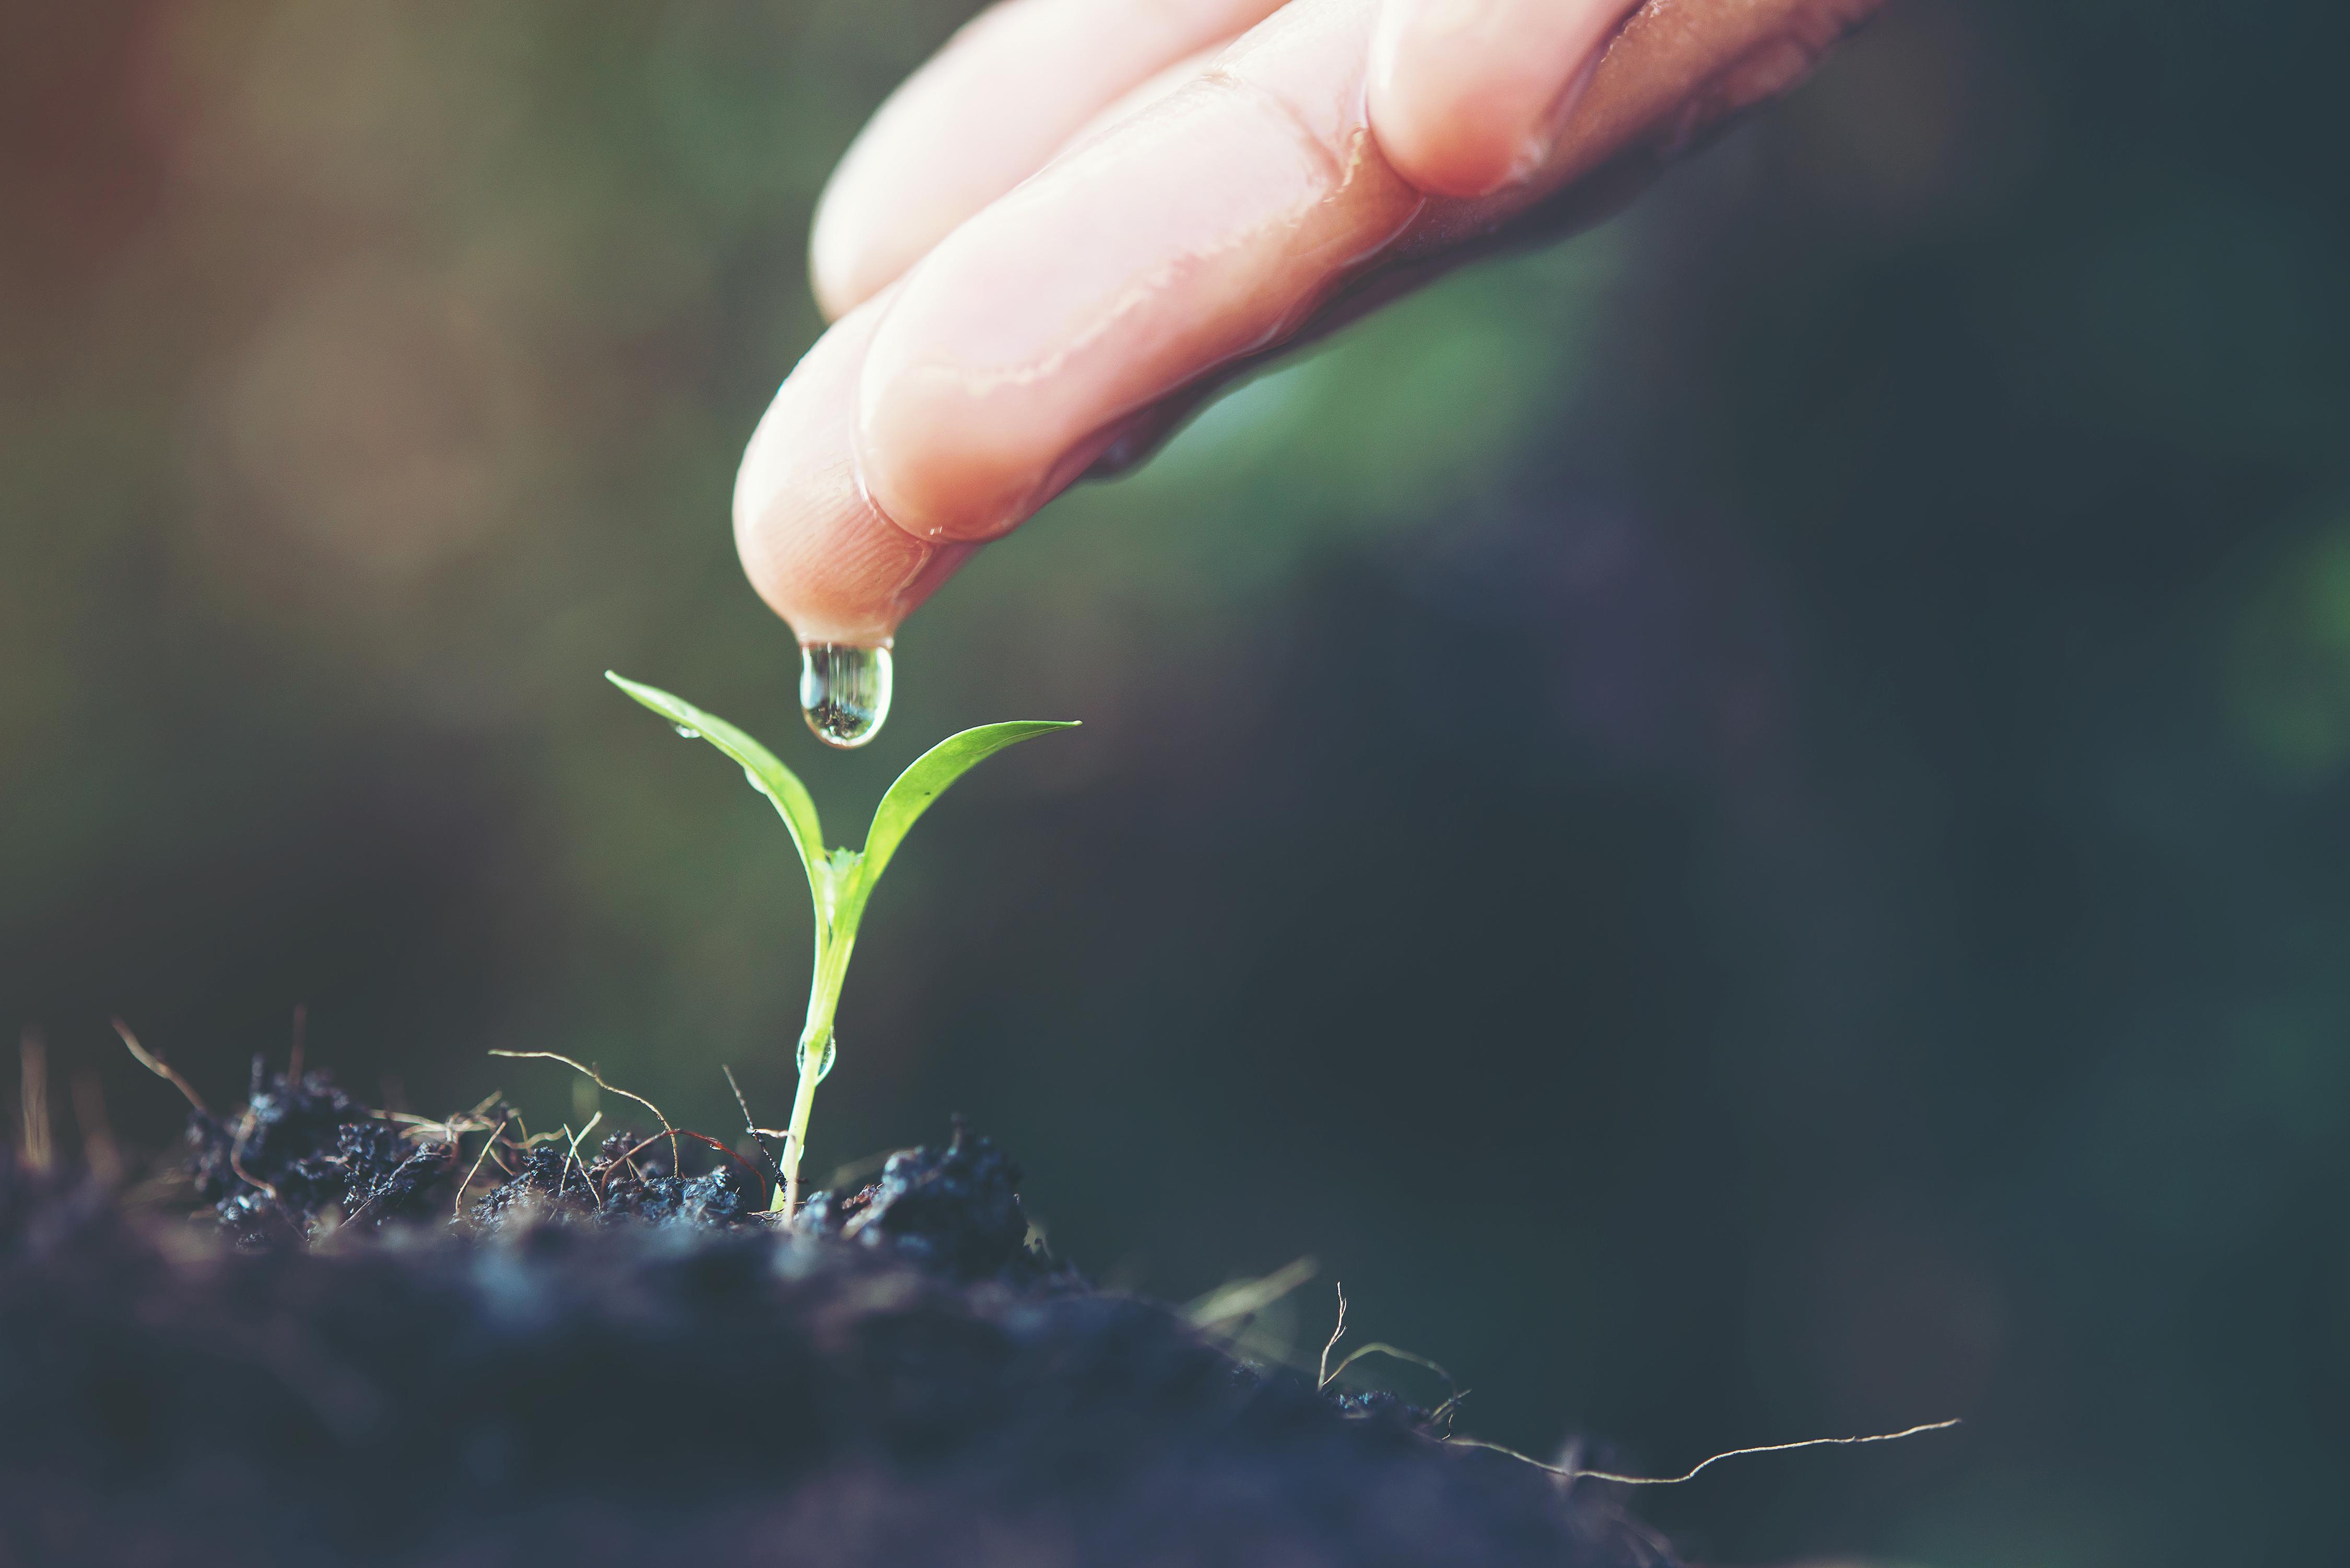 Consulenza Ambientale per l'Azienda, Sistema di Gestione Ambientale_ AP Consulting srl